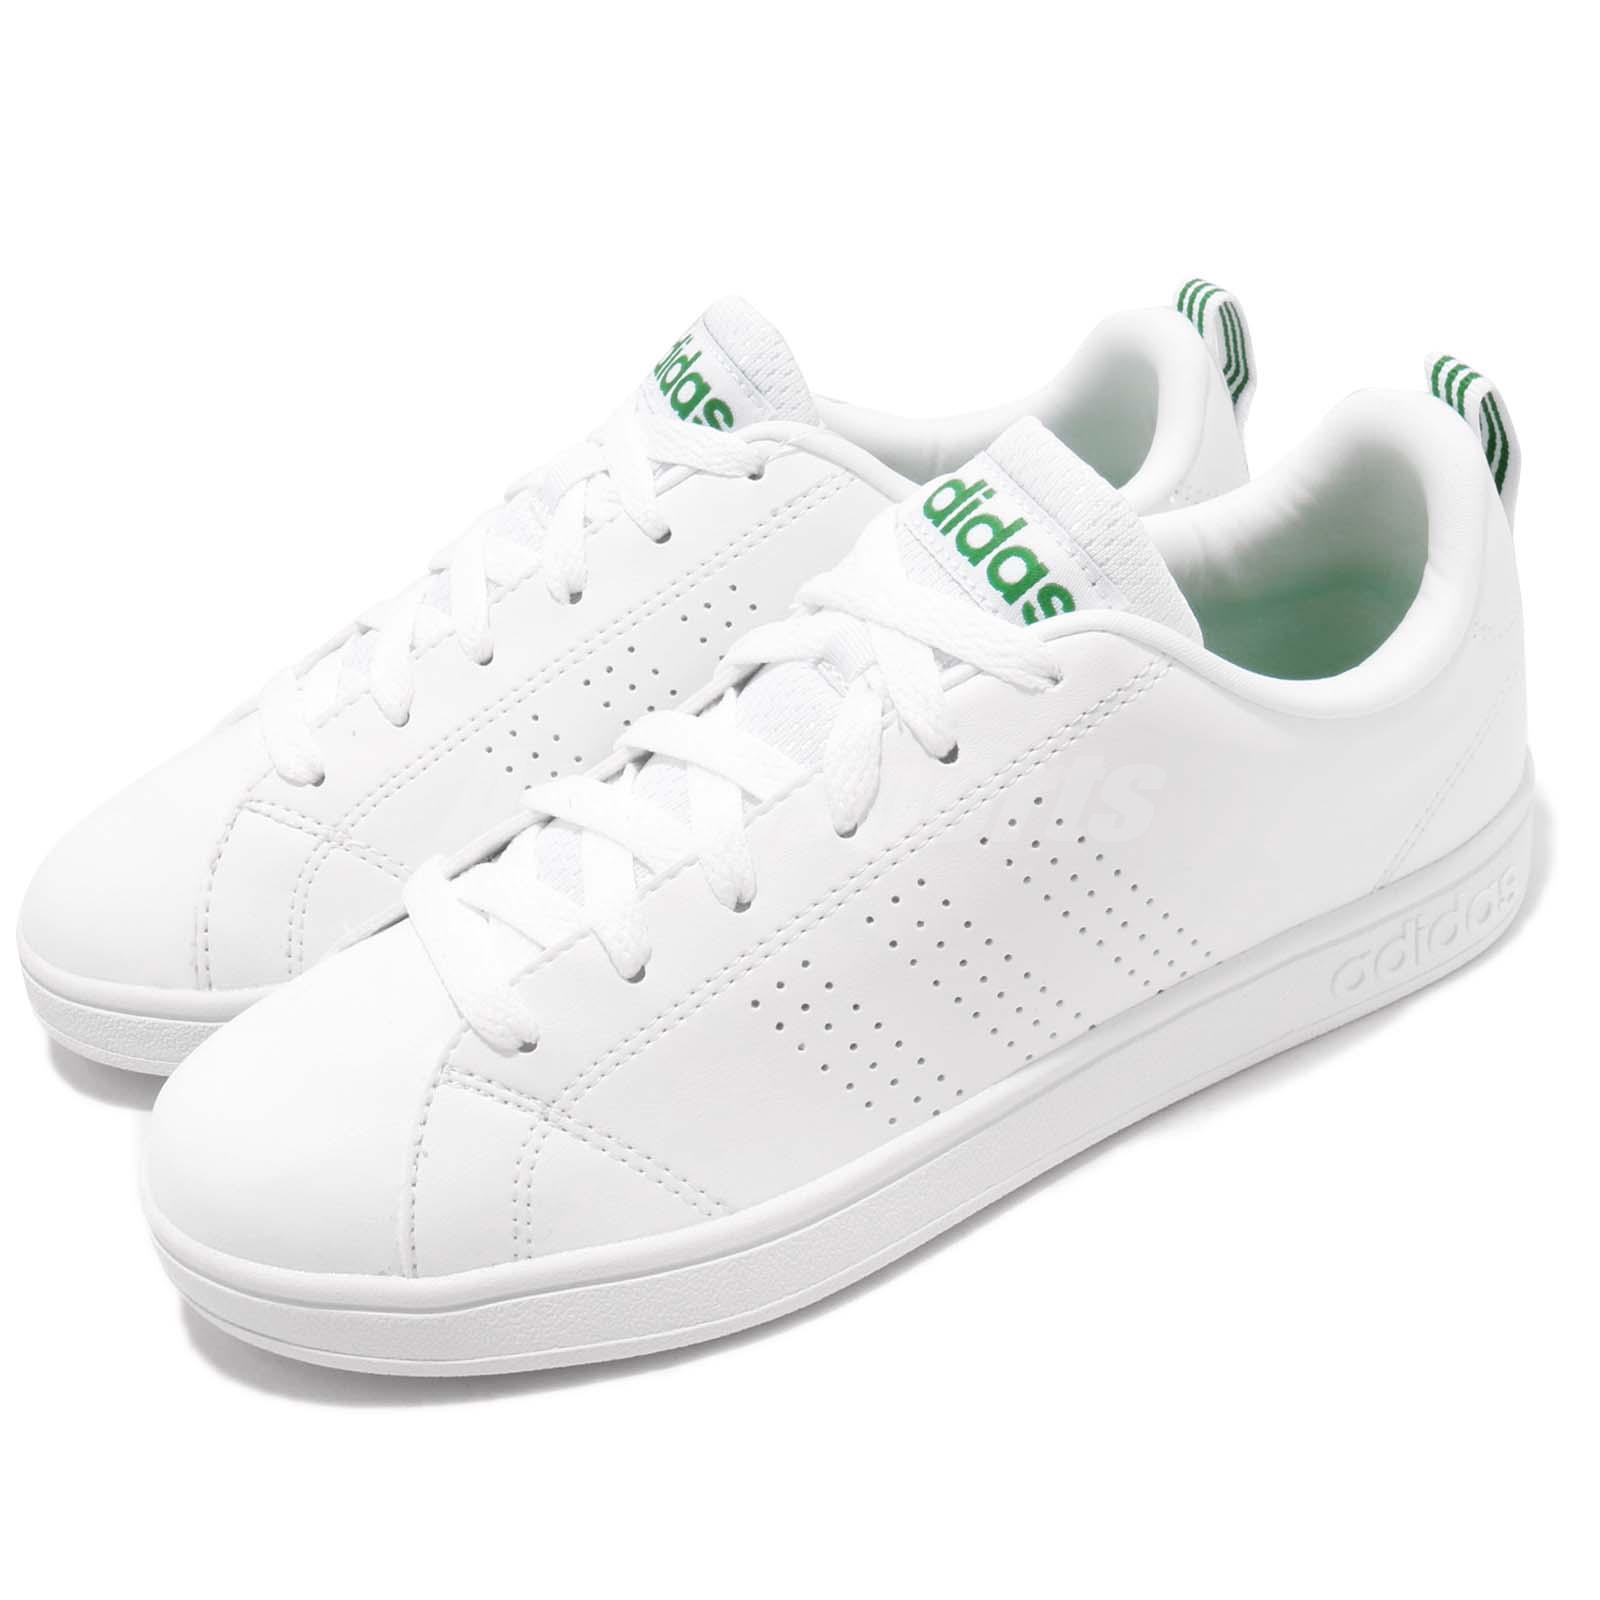 adidas Neo Label Advantage Clean VS White Green Mens ...